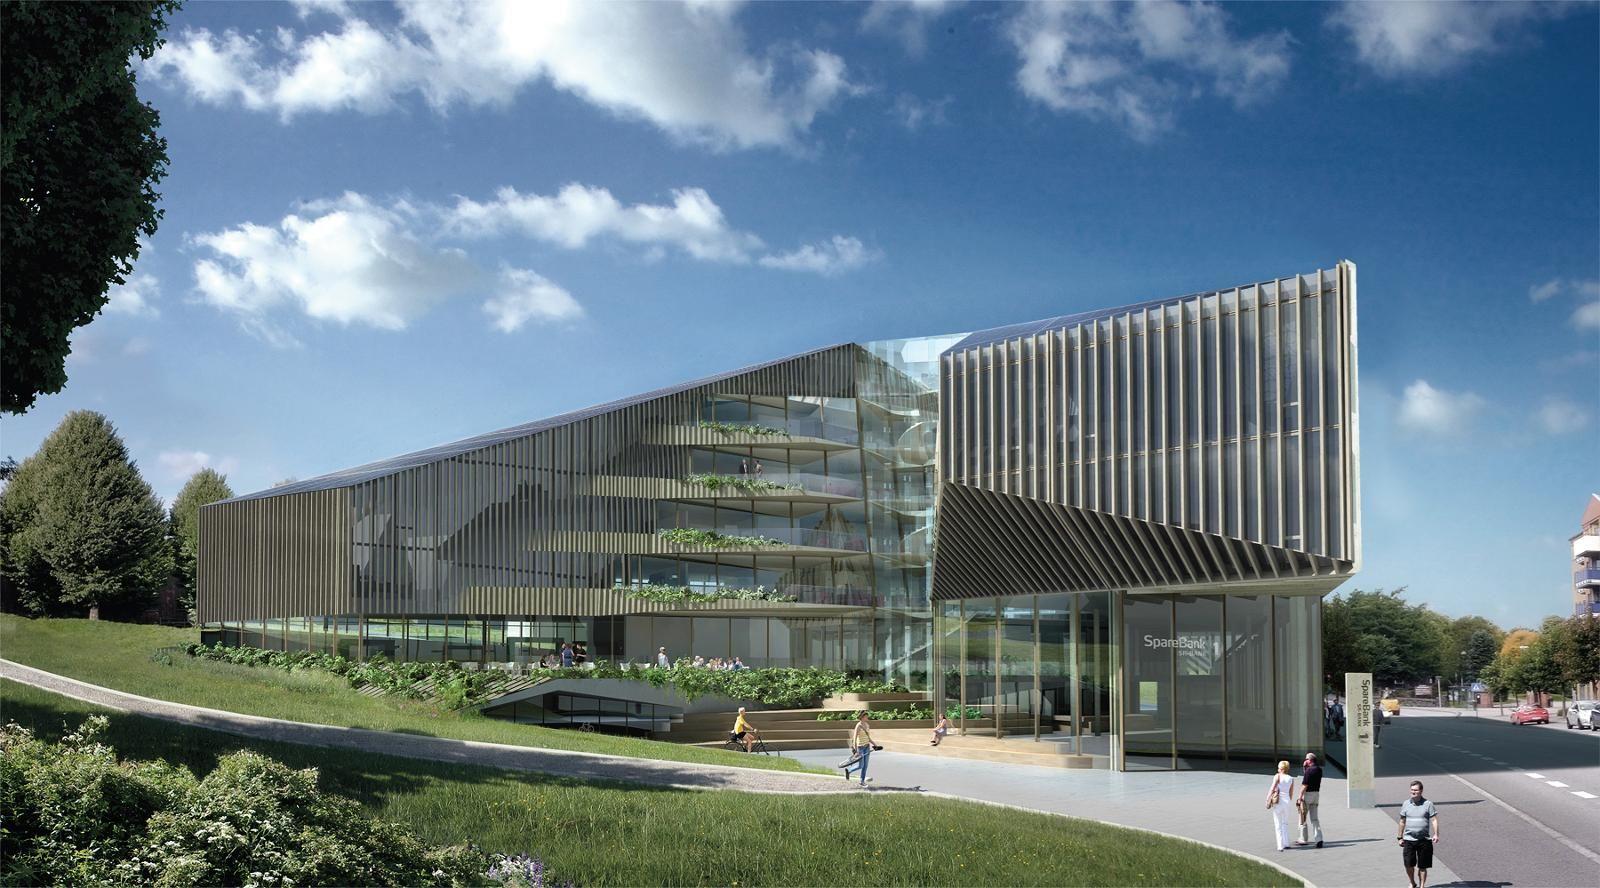 Kinly valgt som leverandør til Sparebank 1 SR-Banks nye hovedkontor